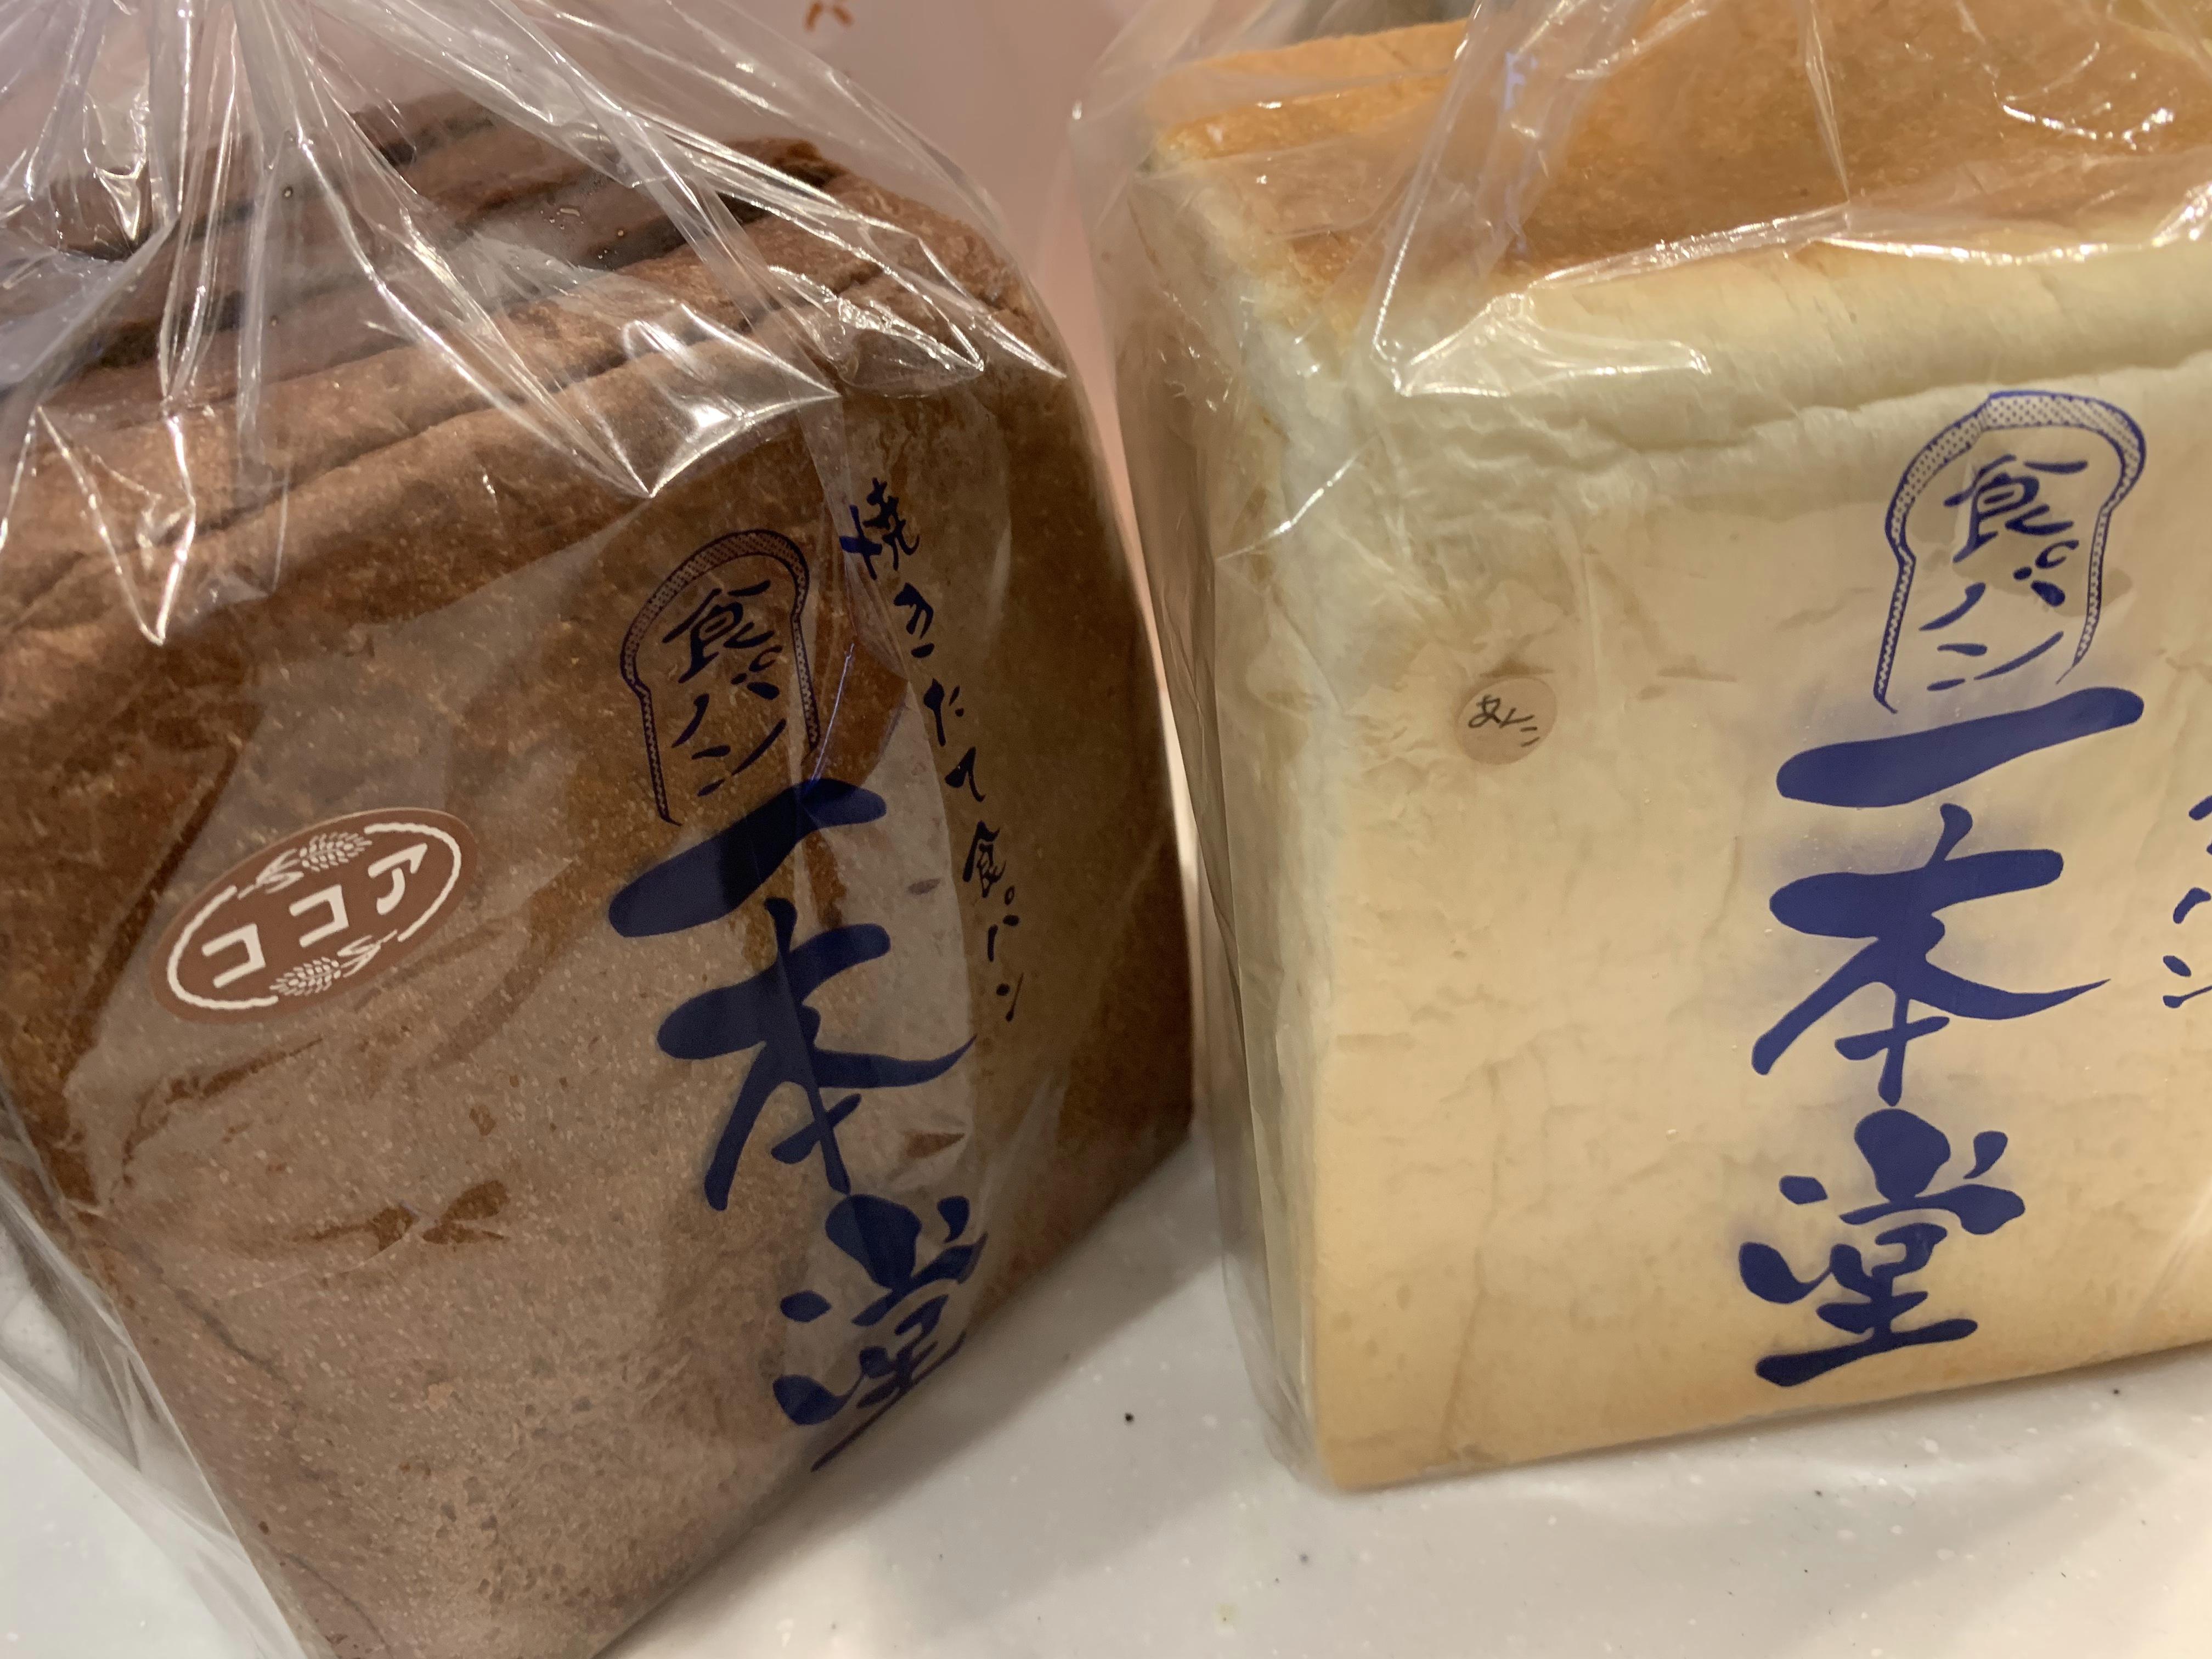 食パン専門店:一本堂の冬季限定ココア生クリーム・あんこ食パン・ホテル食パン